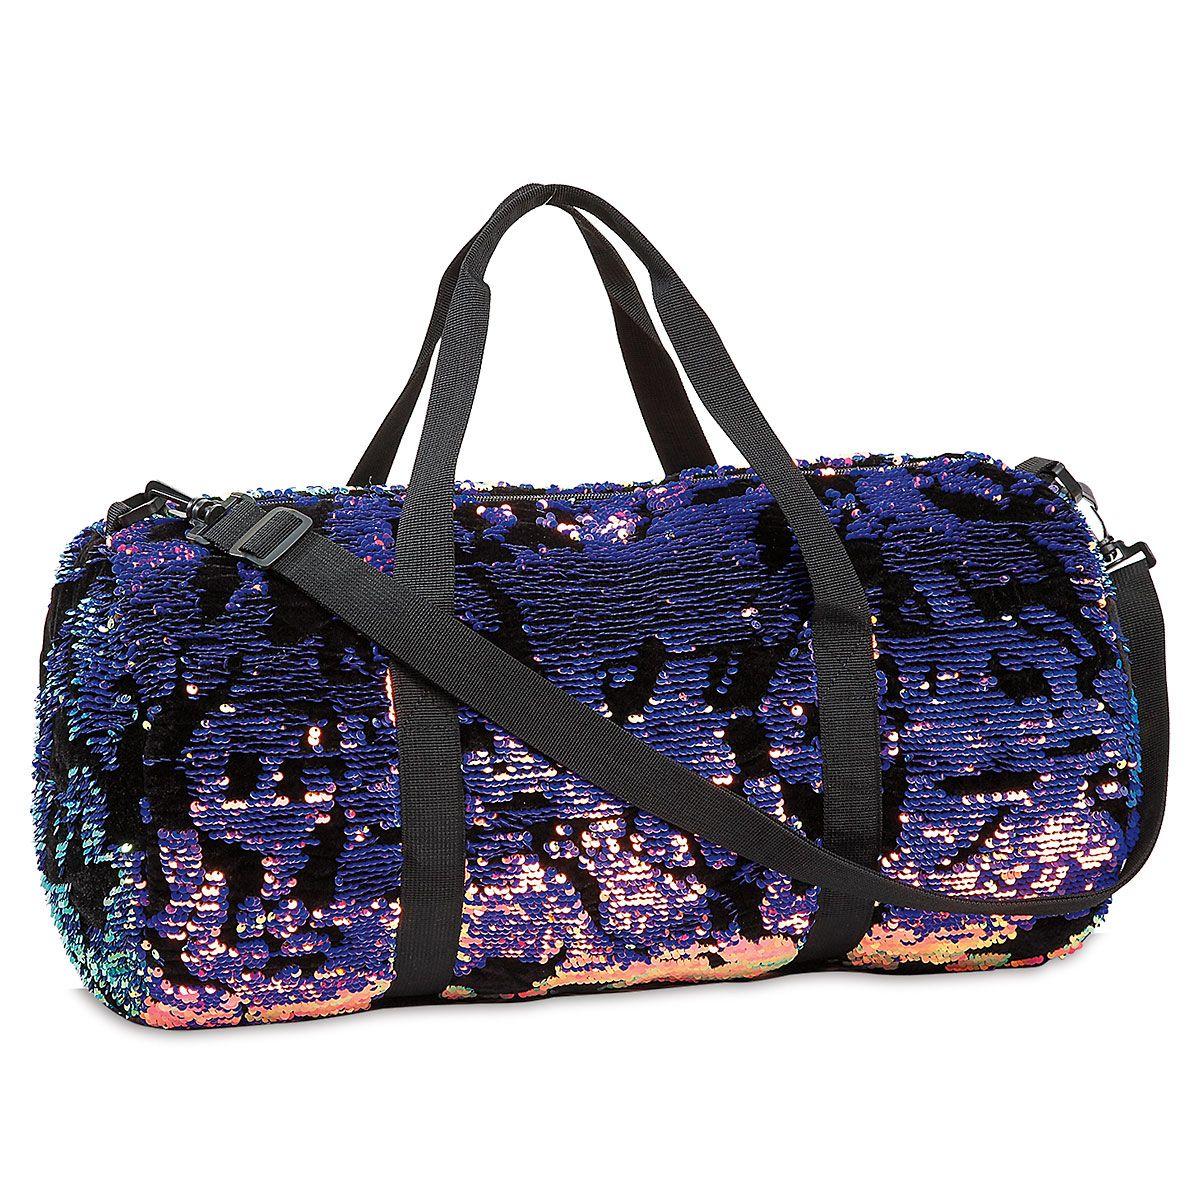 Velvet & Scattered Sequin Duffel & Hip Bag